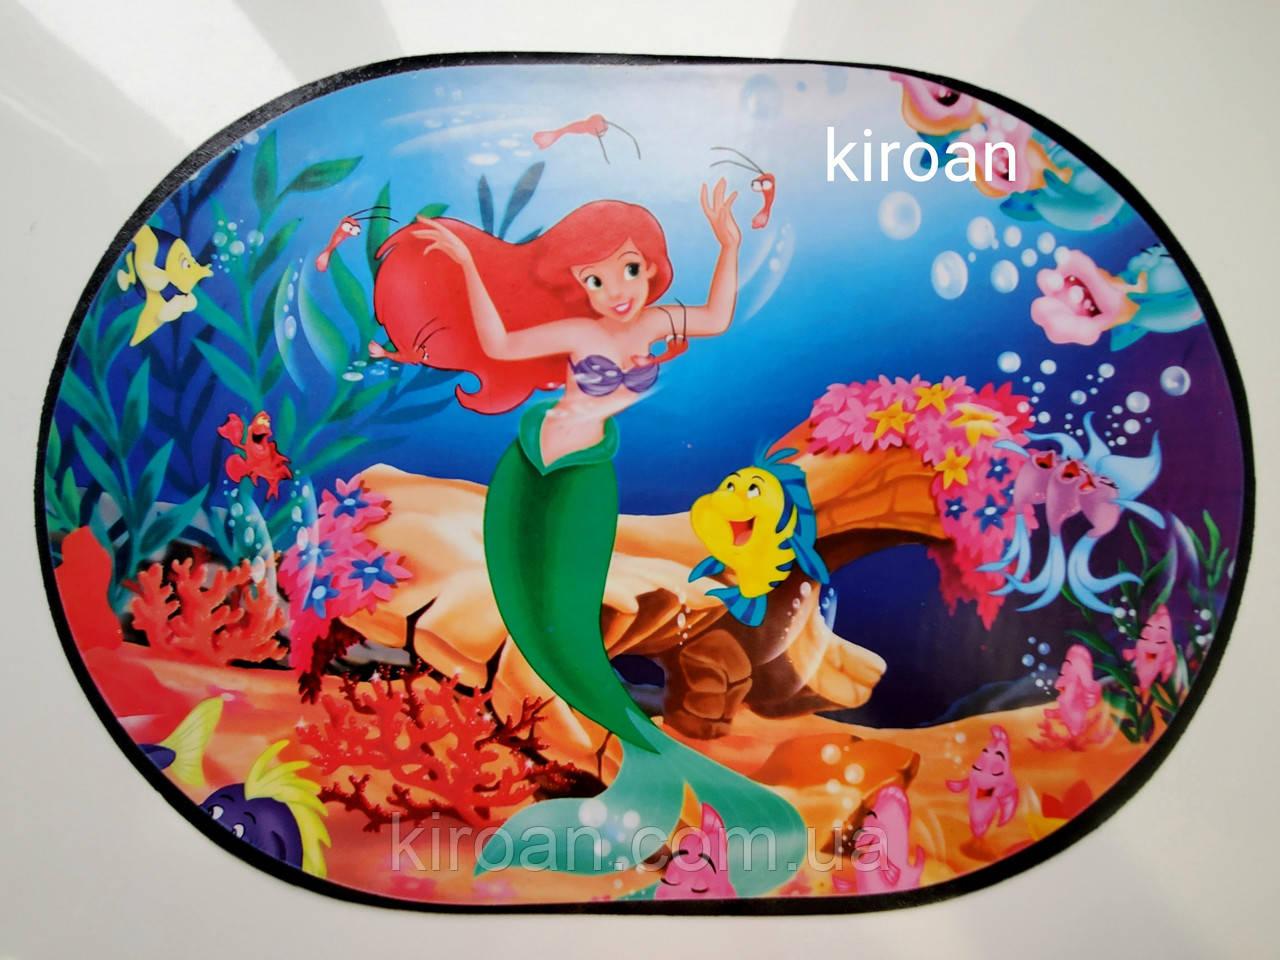 Салфетка для защиты стола во время трапезы и детского творчества 30х40 см (Русалочка)